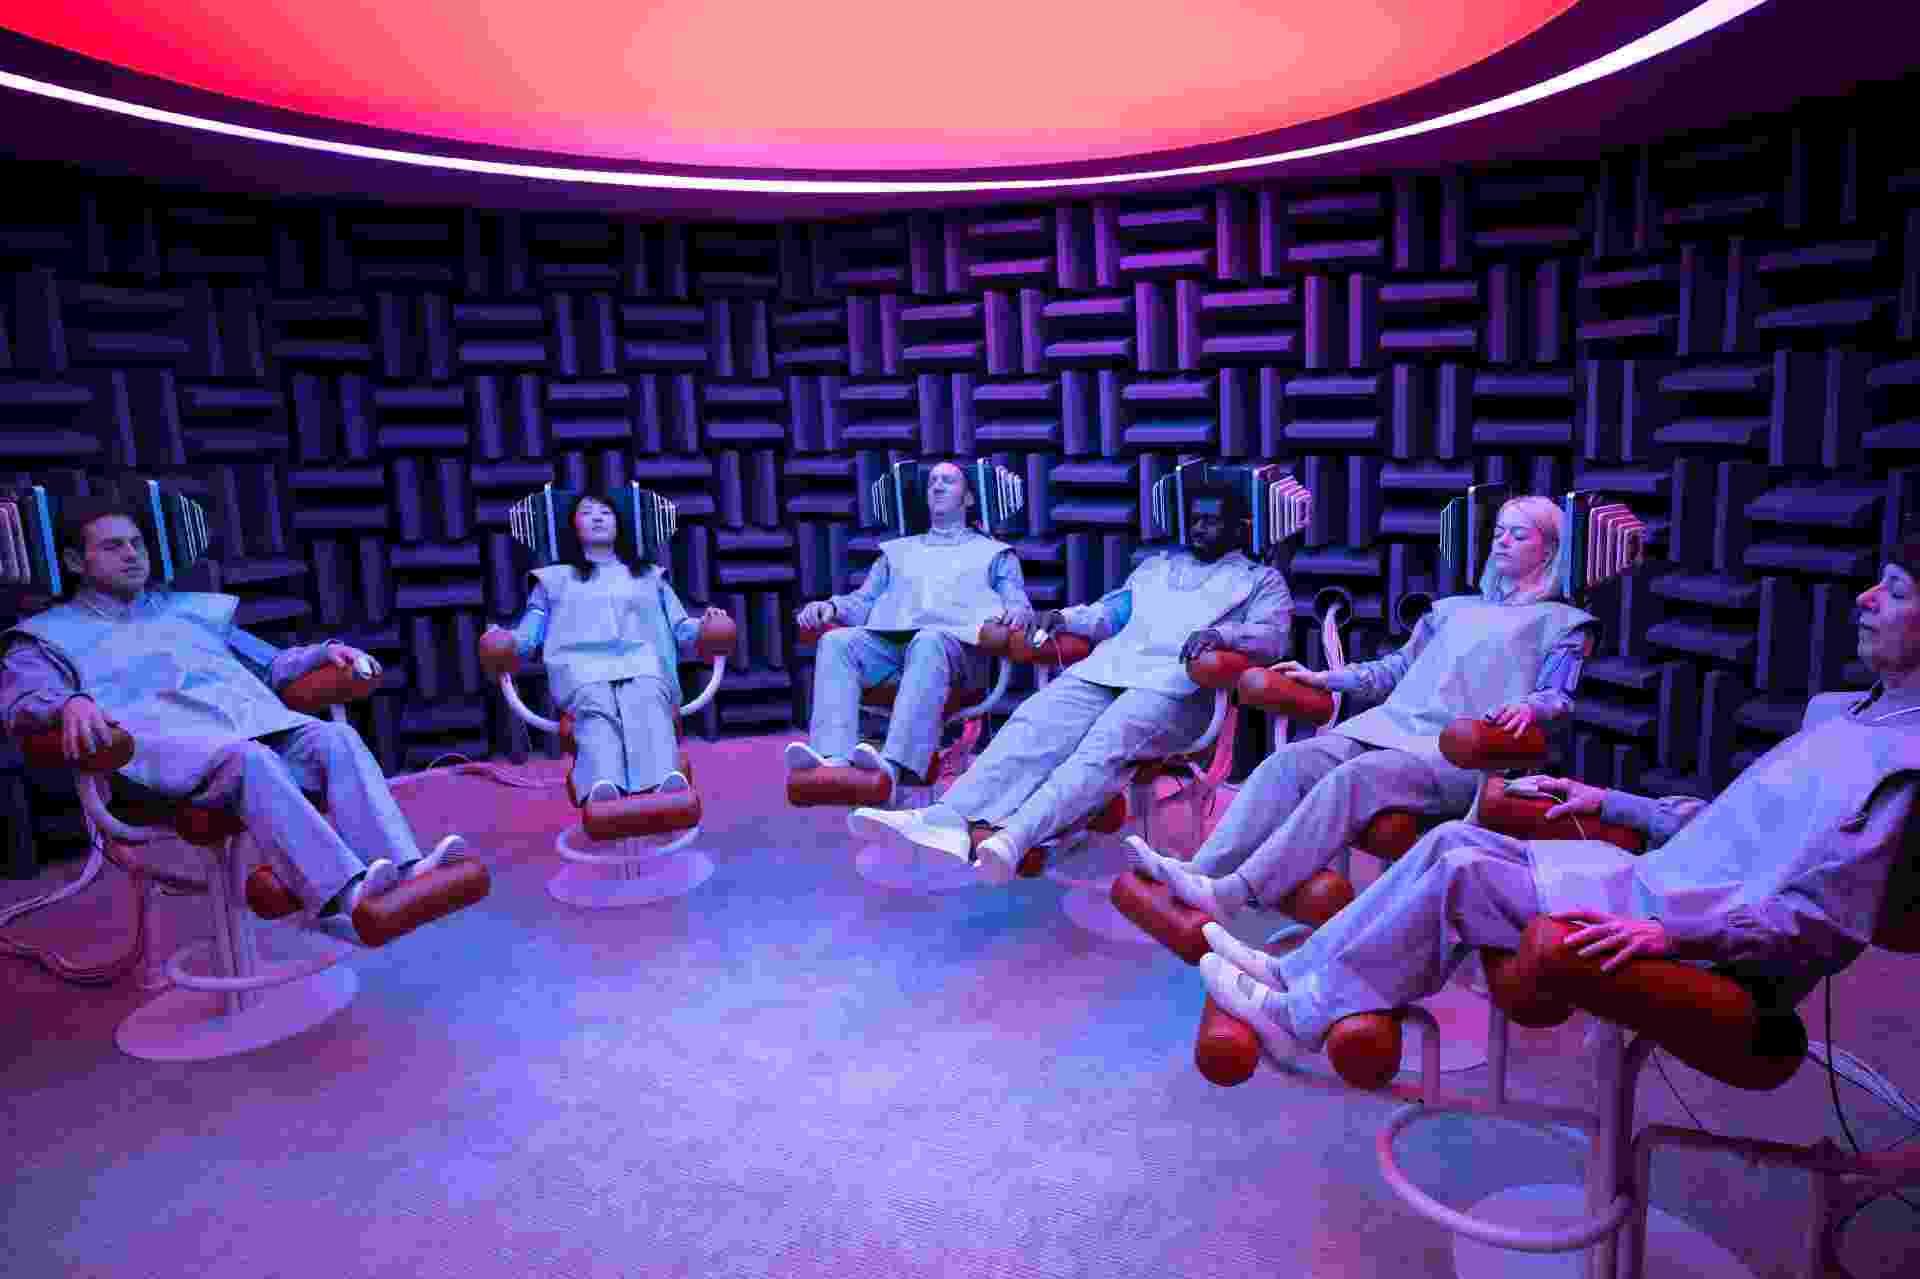 """Grupo de cobaias da indústria farmacêutica é tratado em cena do terceiro episódio de """"Maniac"""", nova minissérie da Netflix - Michele K. Short/Netflix"""